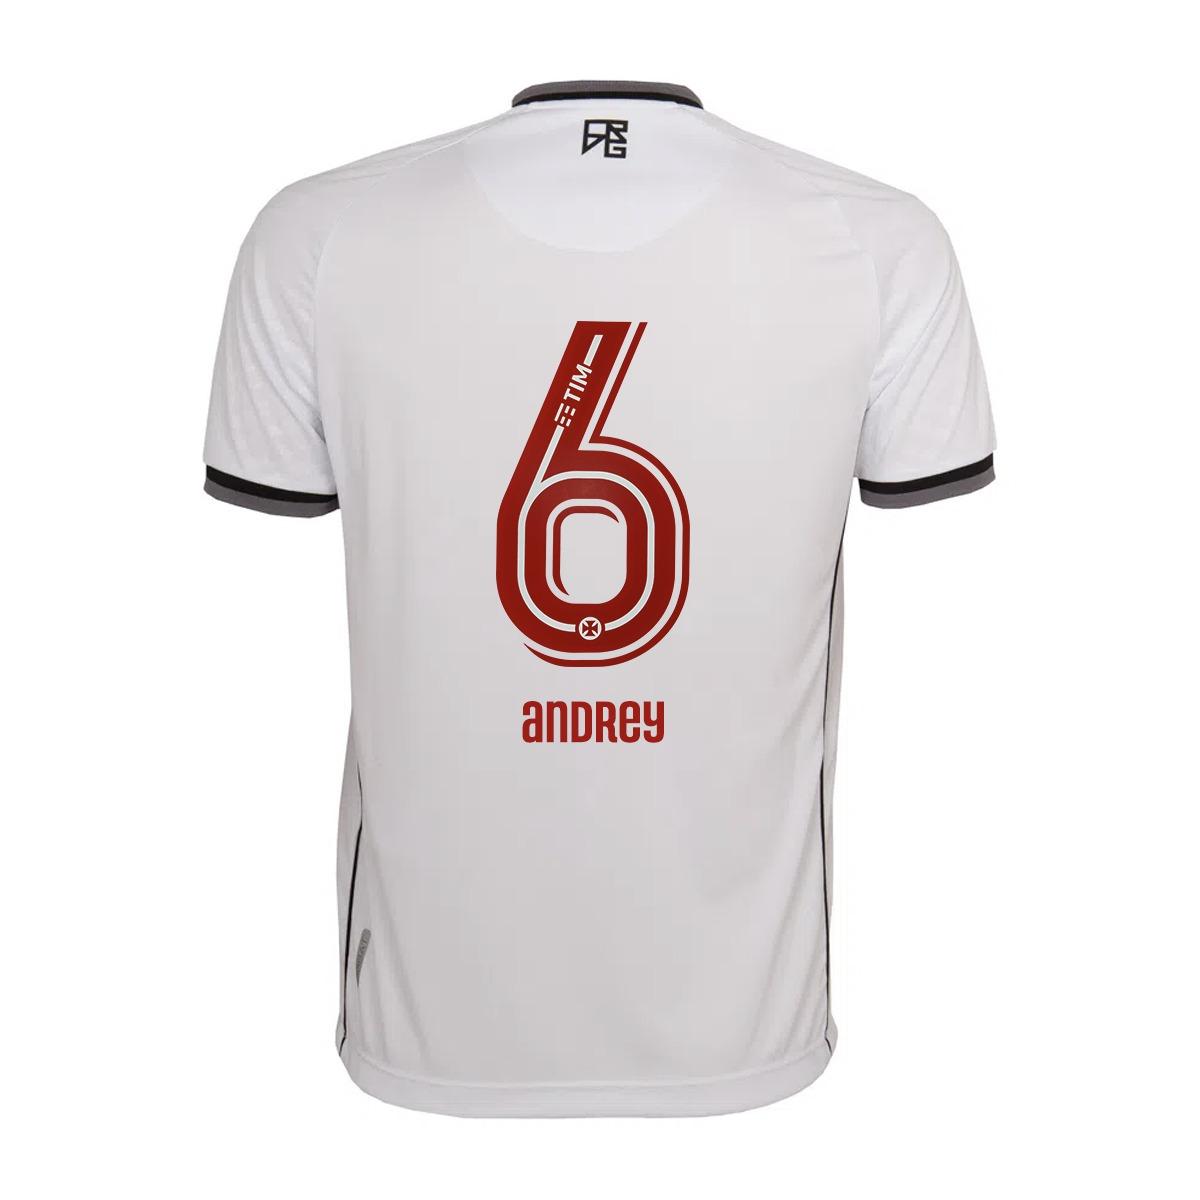 Camisa Vasco Jogo 2 Kappa 2021 - Andrey